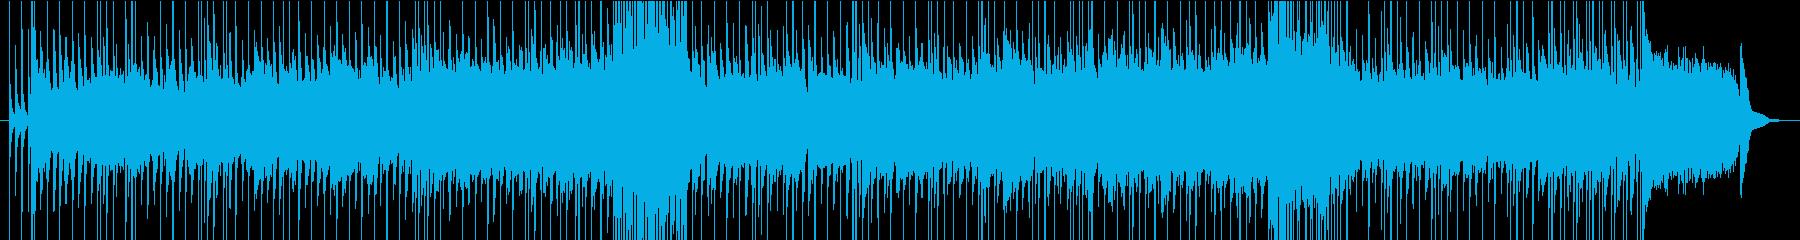 出撃する前のシーン用ロック生演奏の再生済みの波形